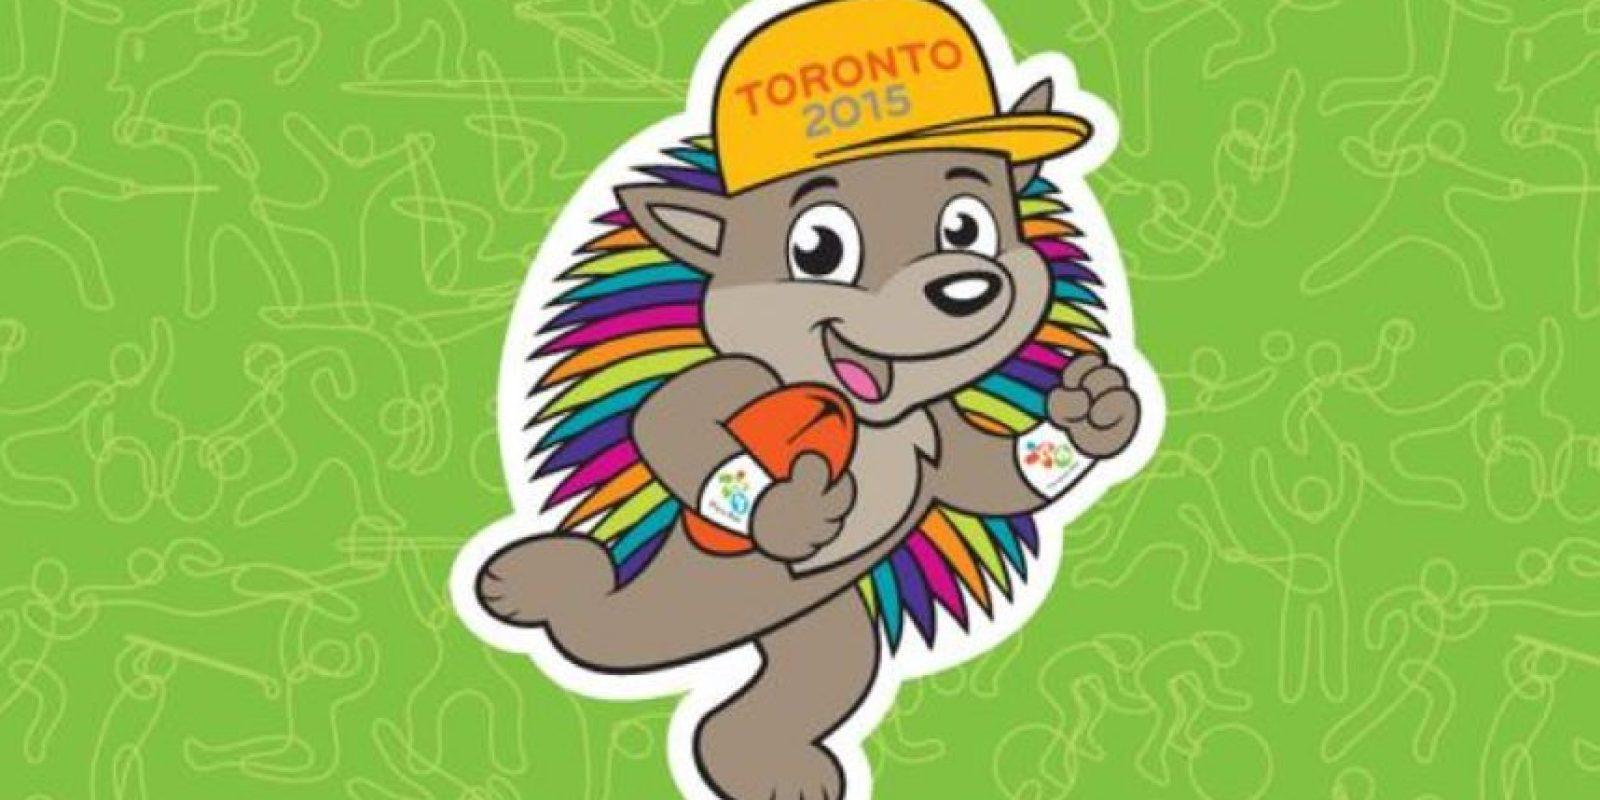 El nombre de la mascota de Toronto 2015 es Pachi Foto:Vía twitter.com/TO2015_es